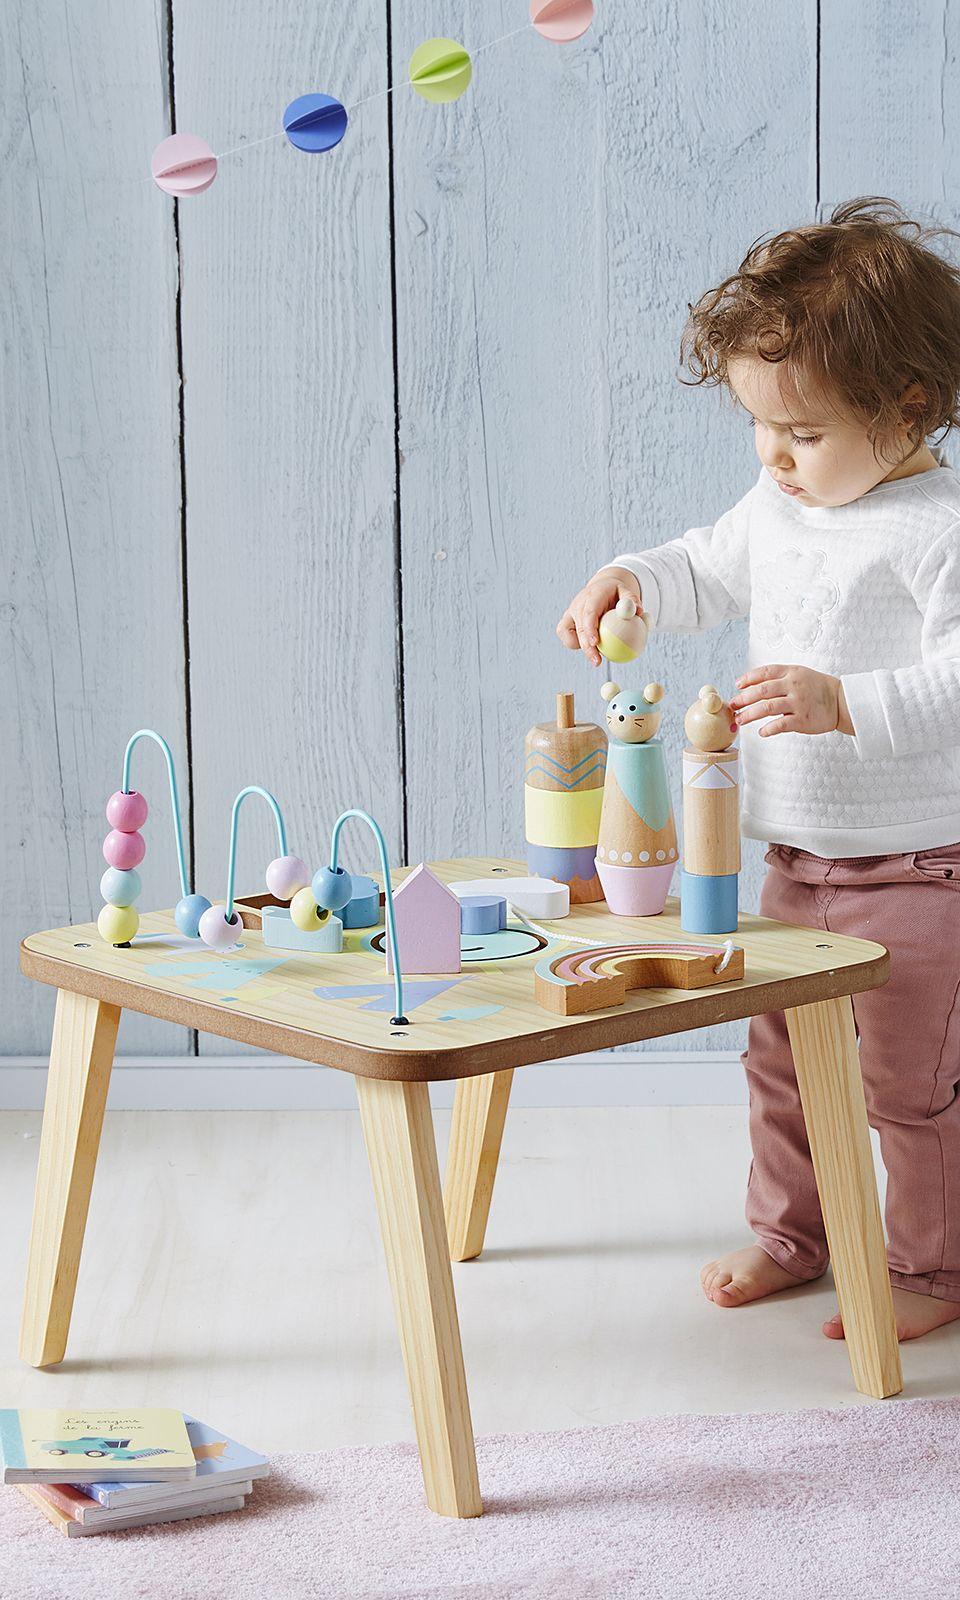 Table D Activites Petits Sioux Bleu Vertbaudet Table D Activite Jeux Amusants Jouet Eveil